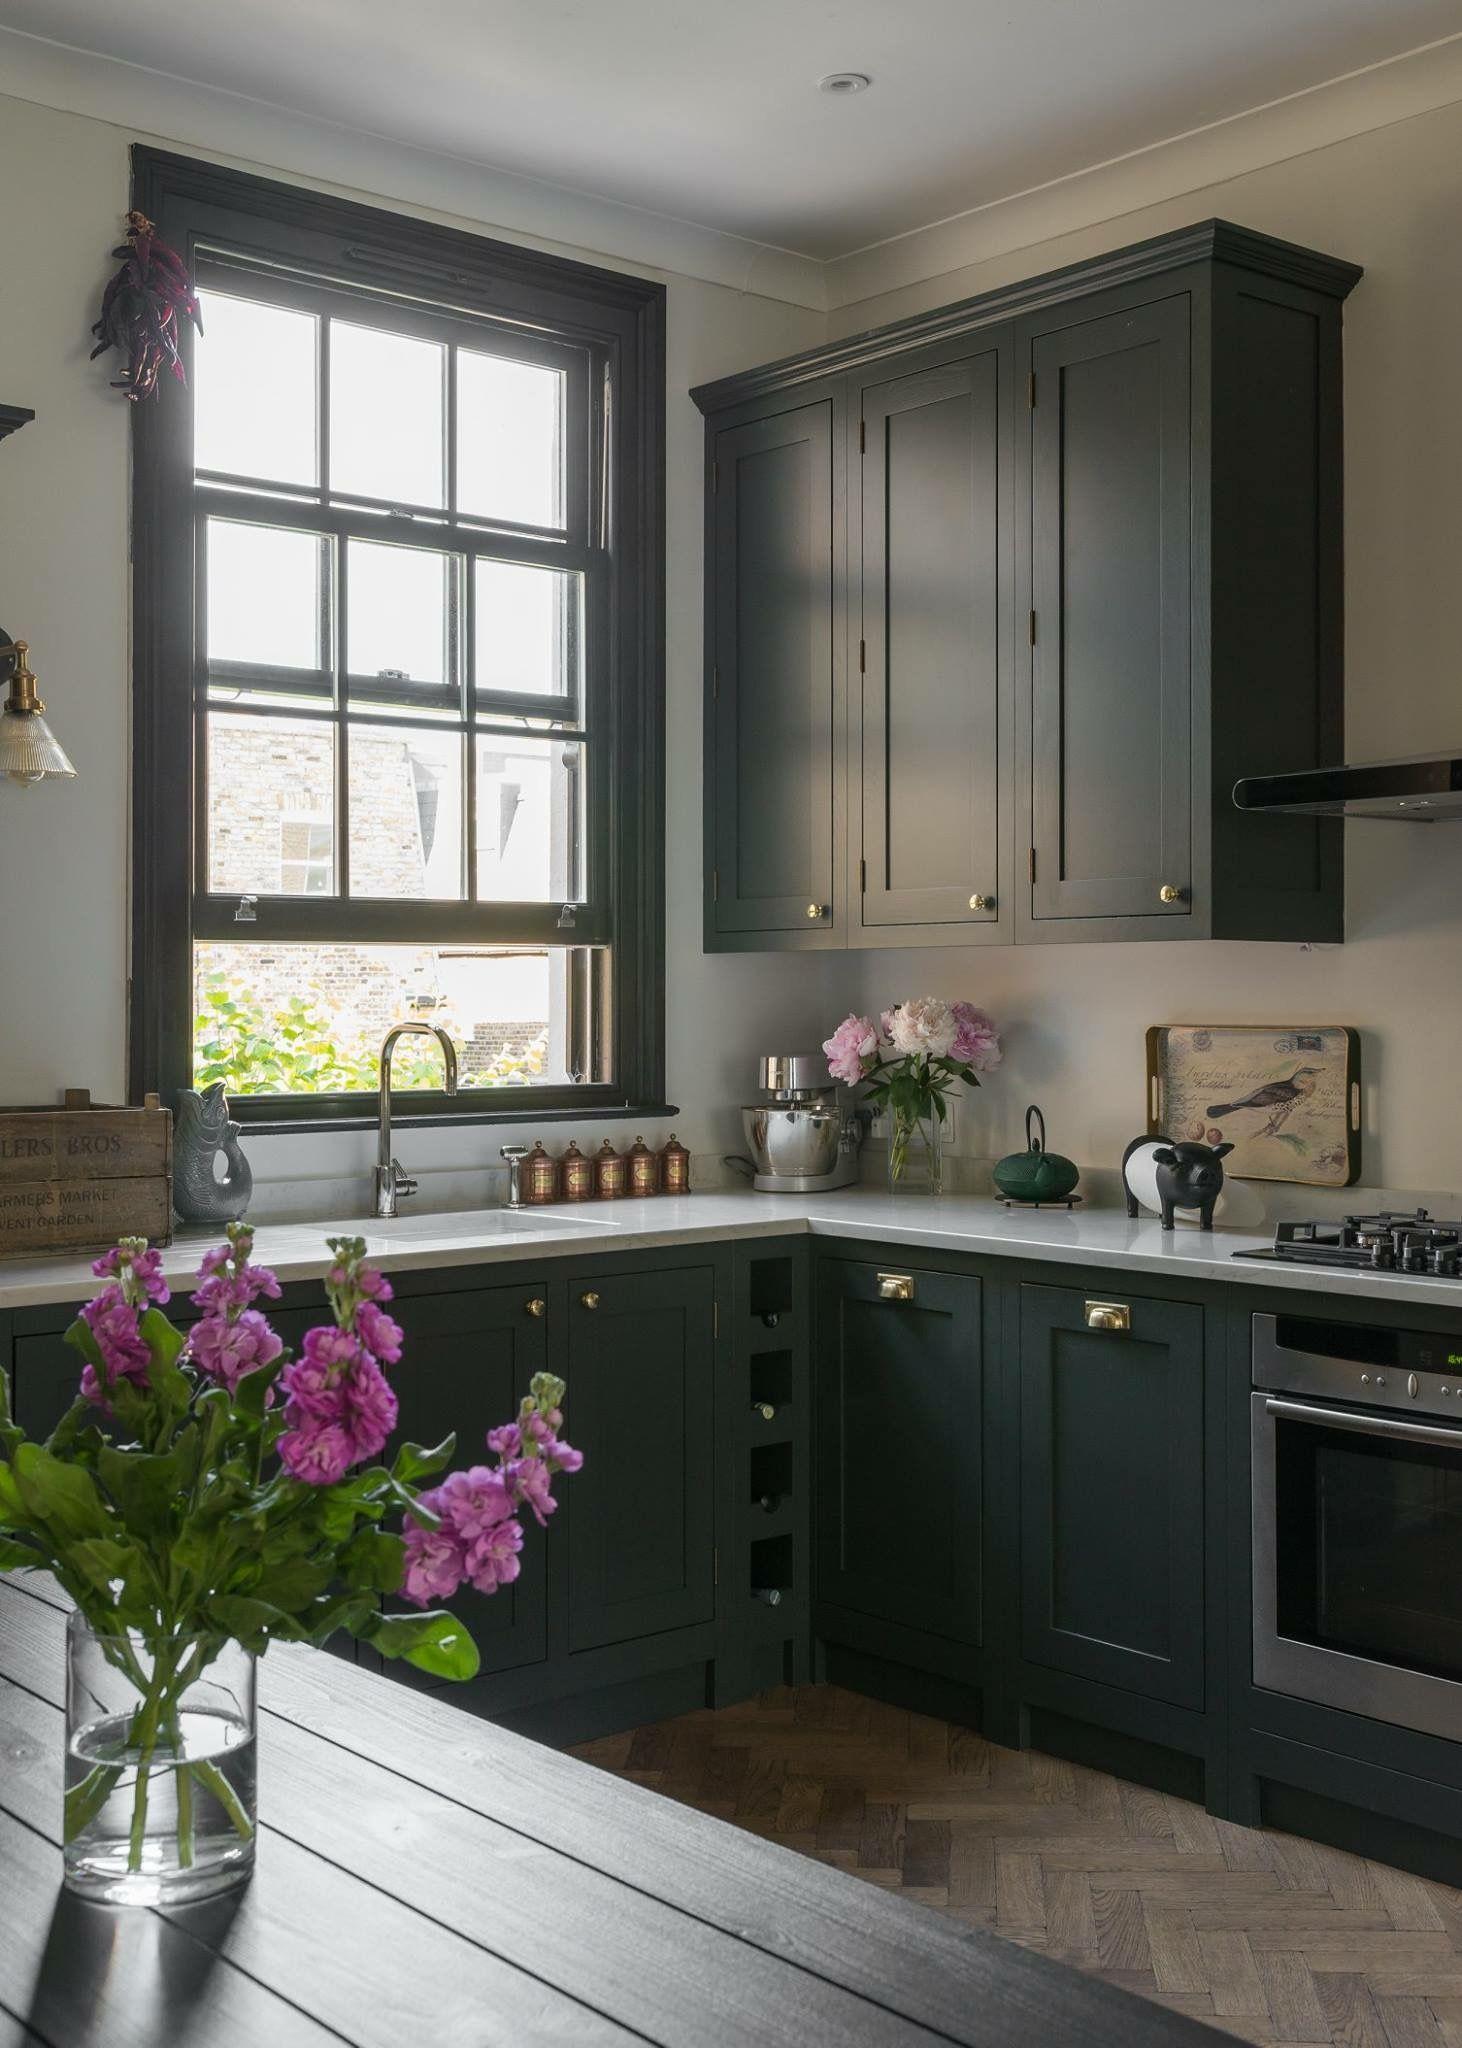 gray kitchen cabinets light gray walls   Dark grey kitchen ...